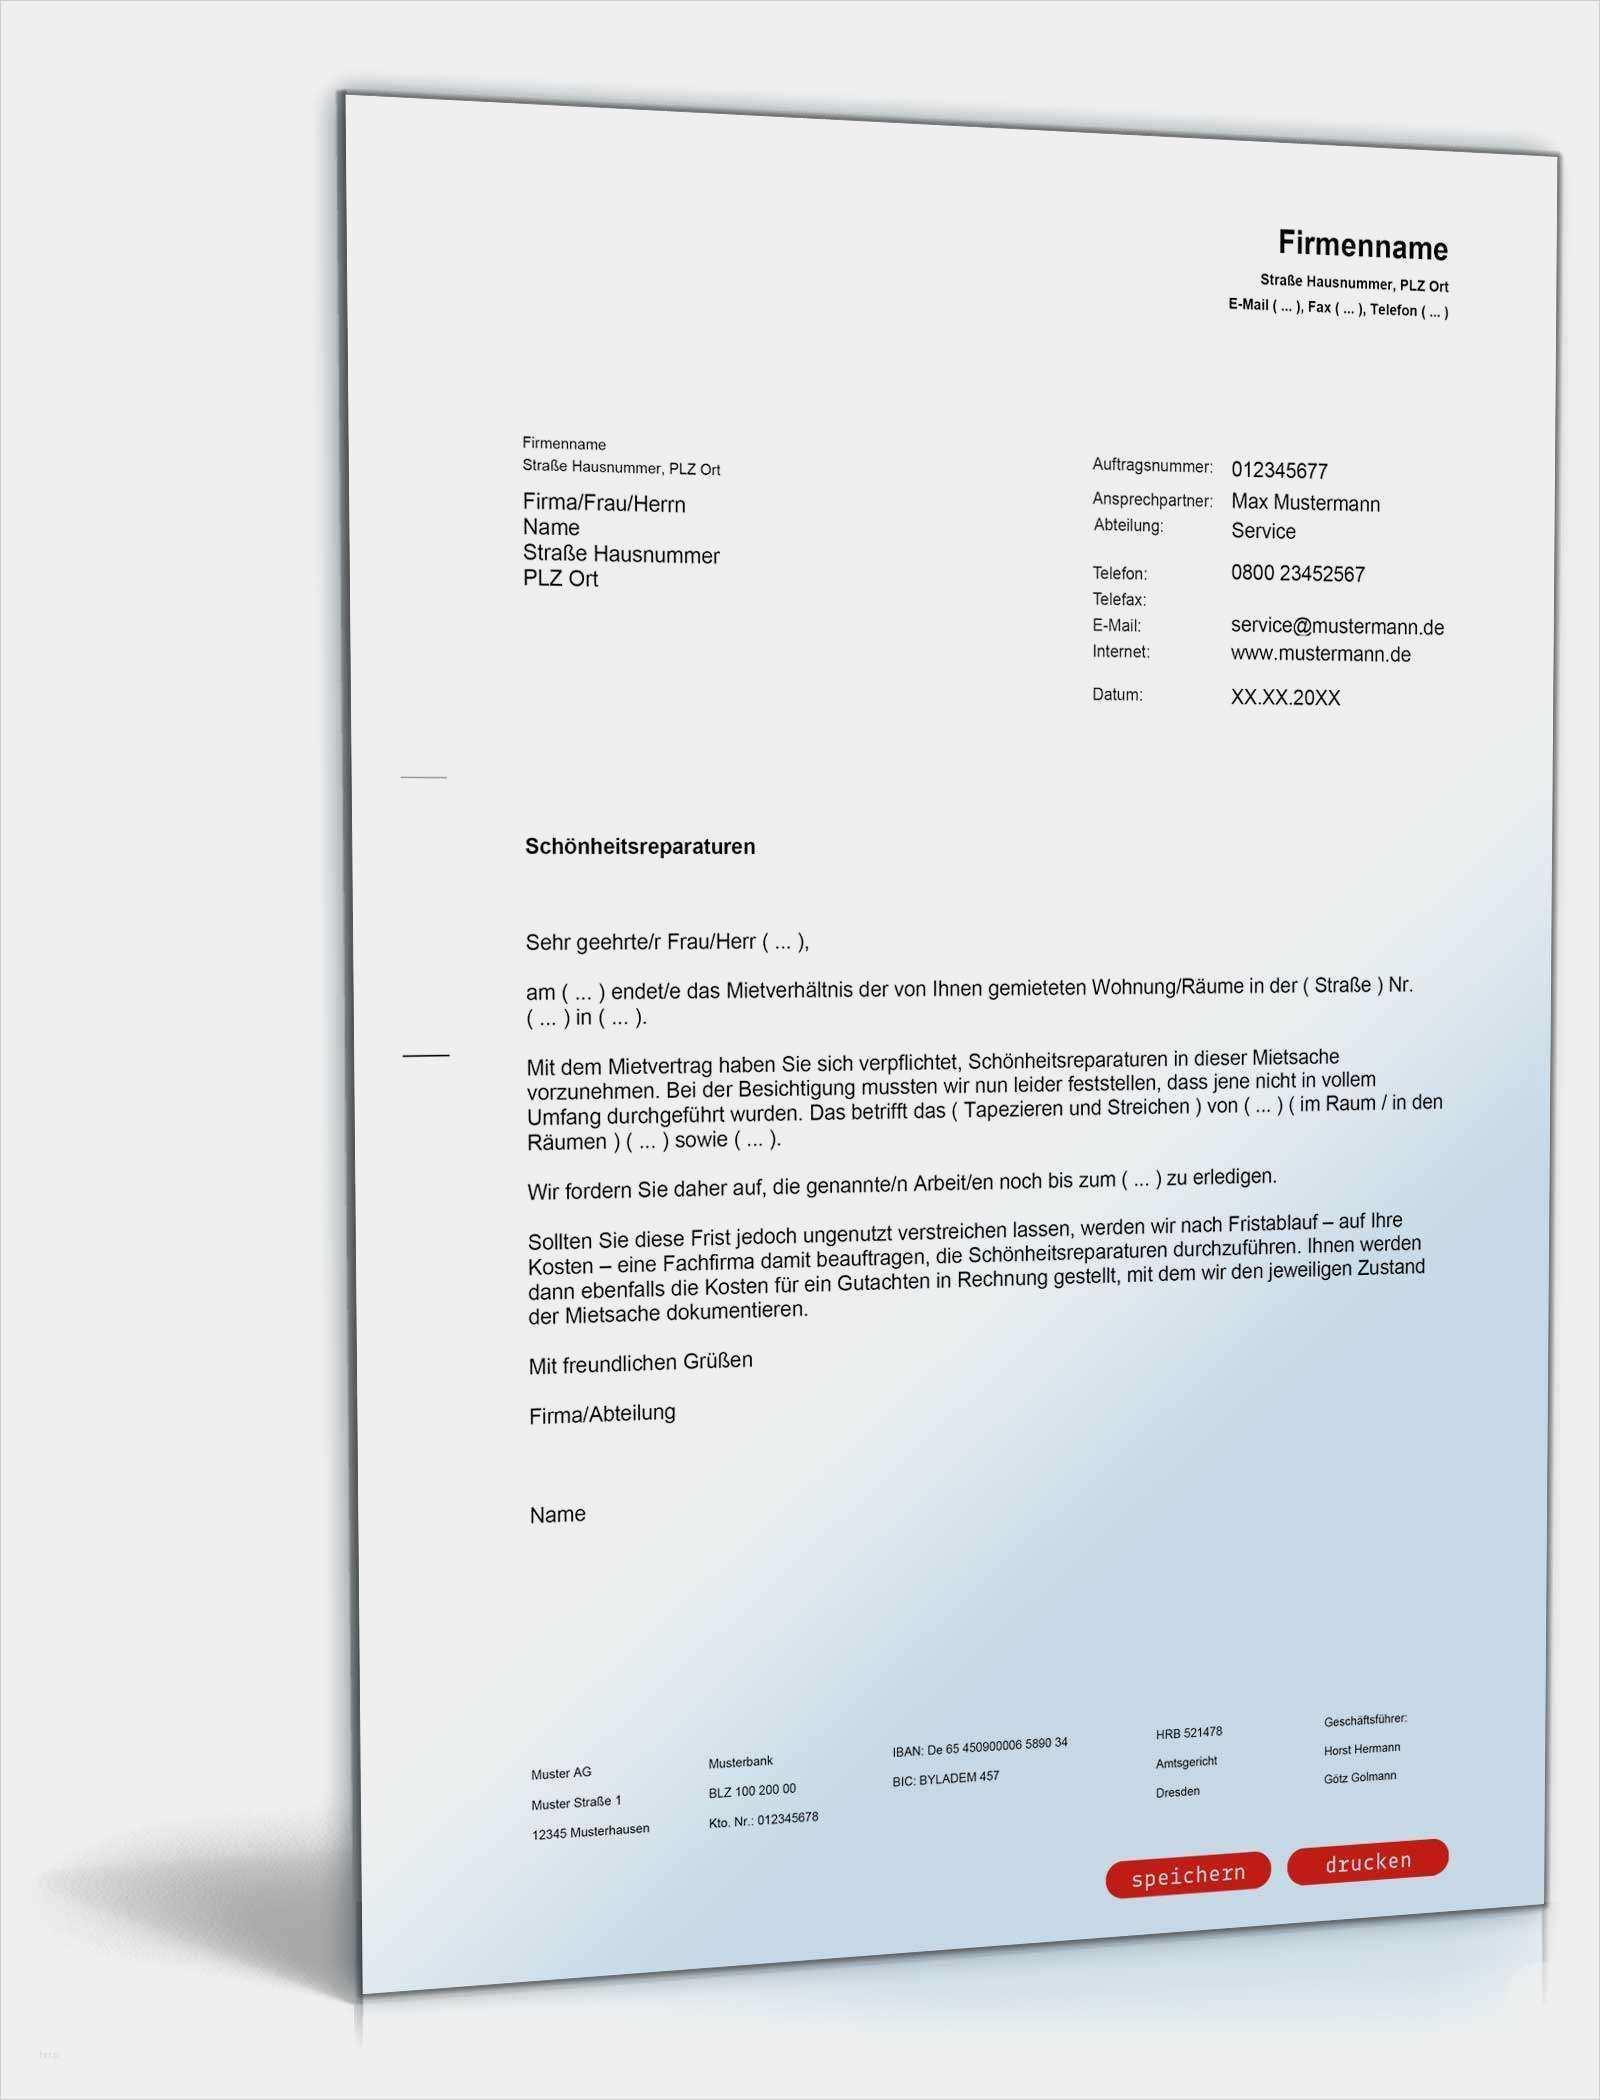 Inspiration Vorlage Bestatigung Kostenubernahme Hotel Bilder Lebenslauf Vorlagen Word Vorlagen Vorlagen Word